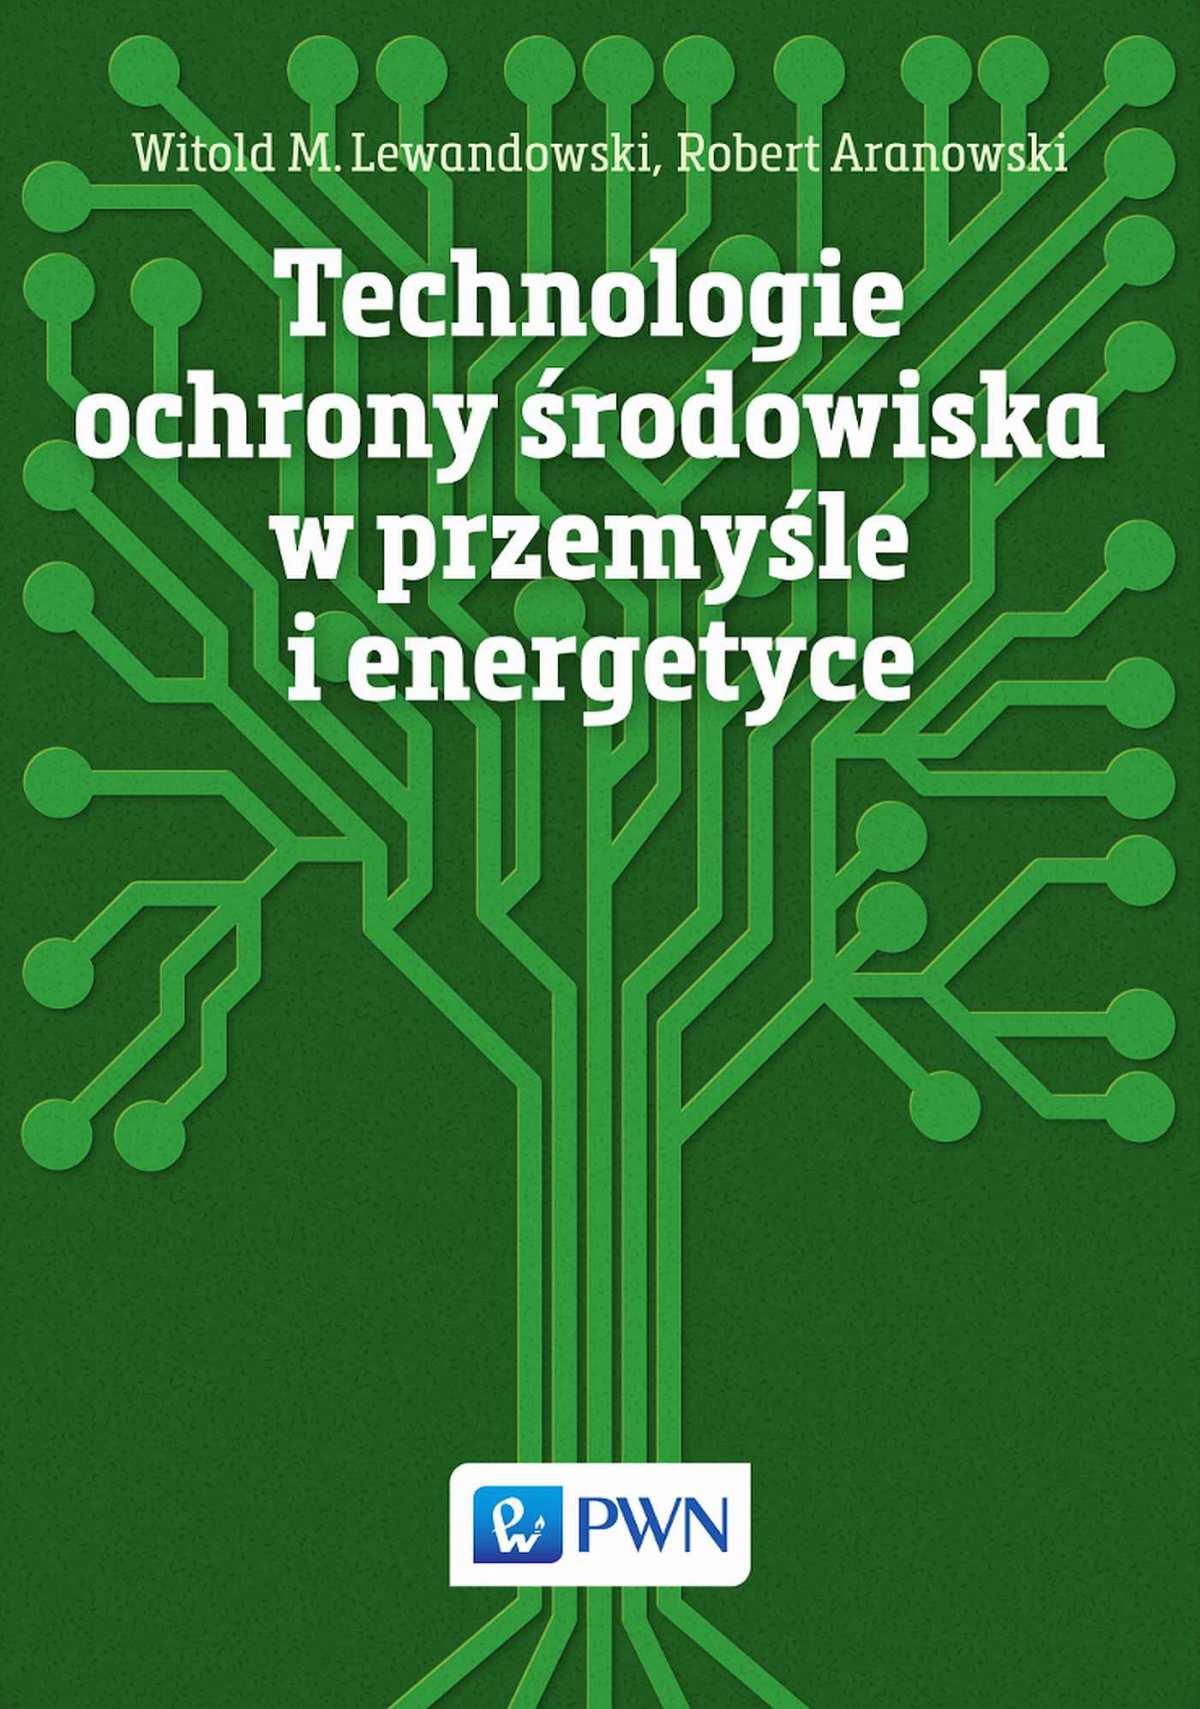 Technologie ochrony środowiska w przemyśle i energetyce - Ebook (Książka na Kindle) do pobrania w formacie MOBI